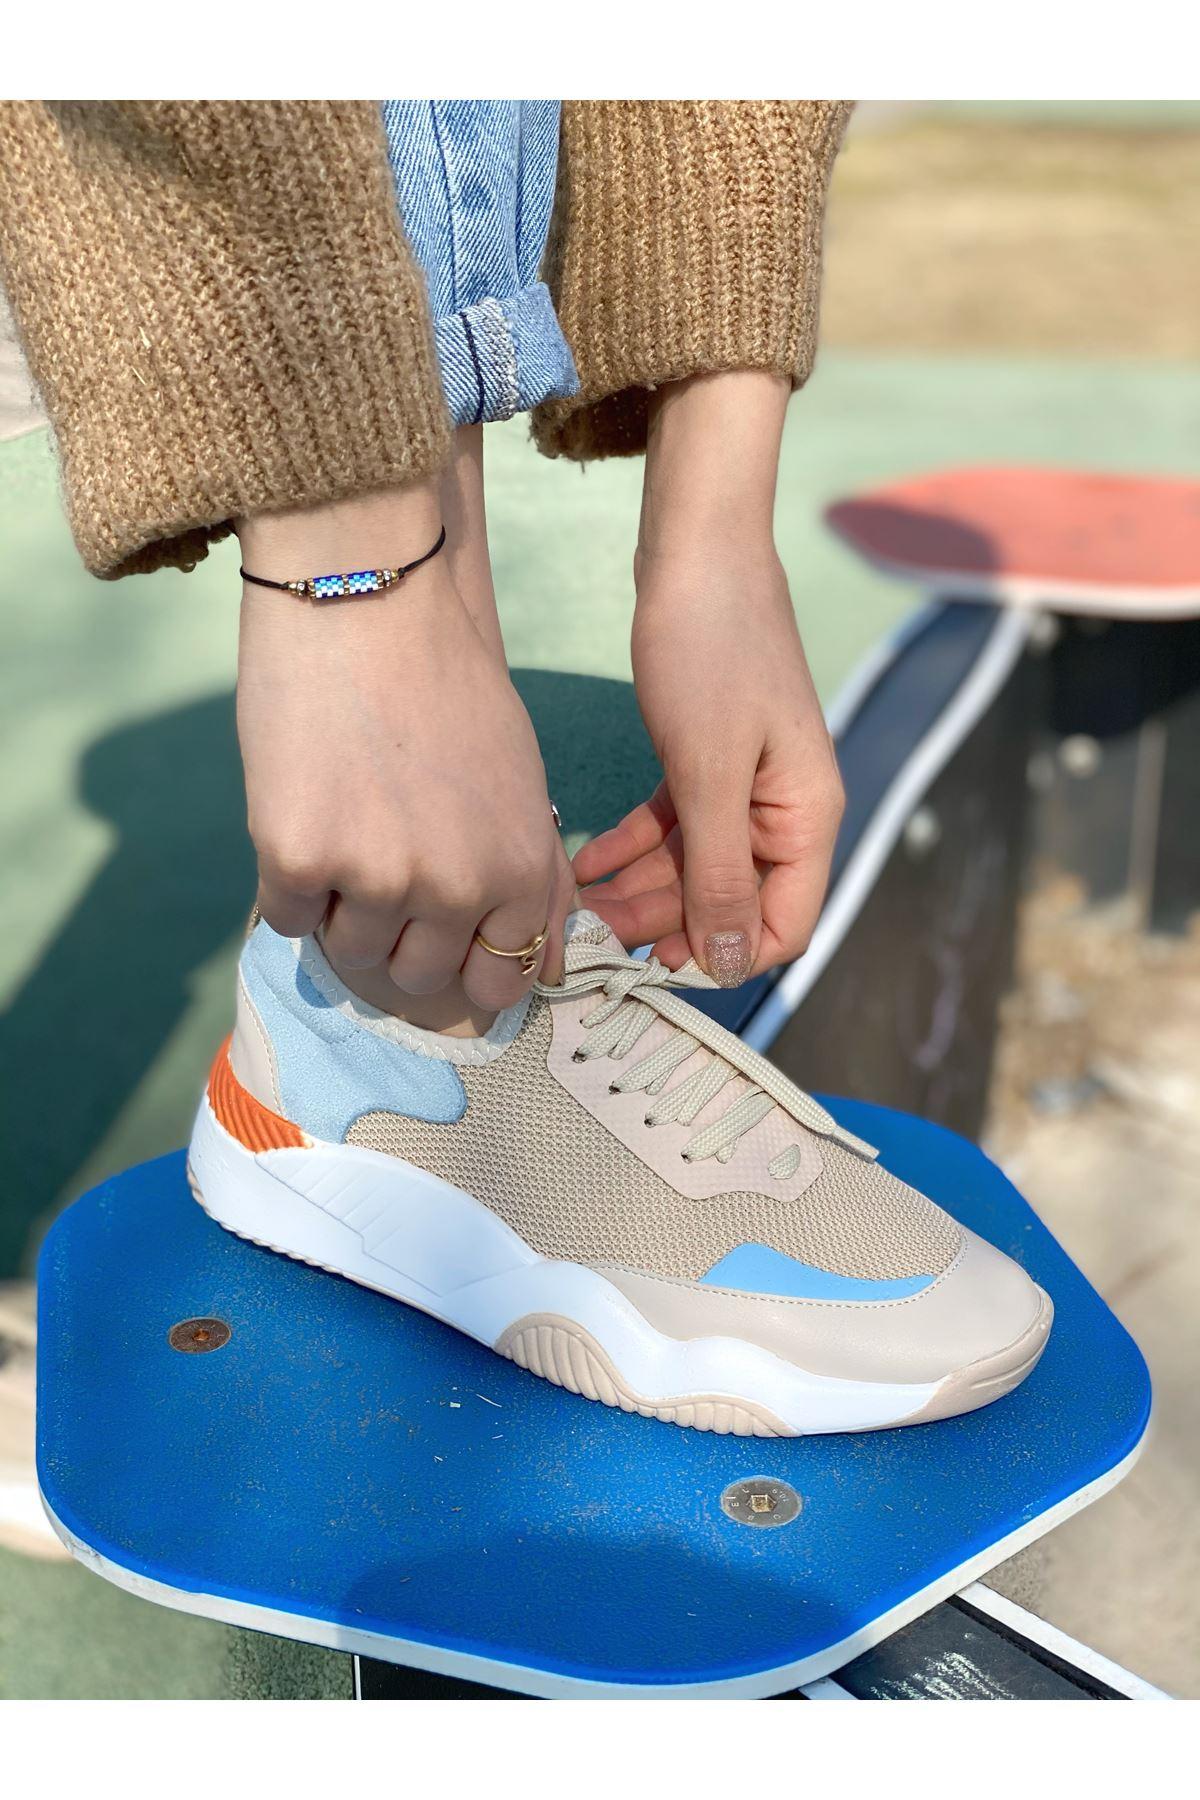 Kadın Karen Karışık Malzeme Bağcık Detaylı Kalın Taban Spor Ayakkabı Vizon